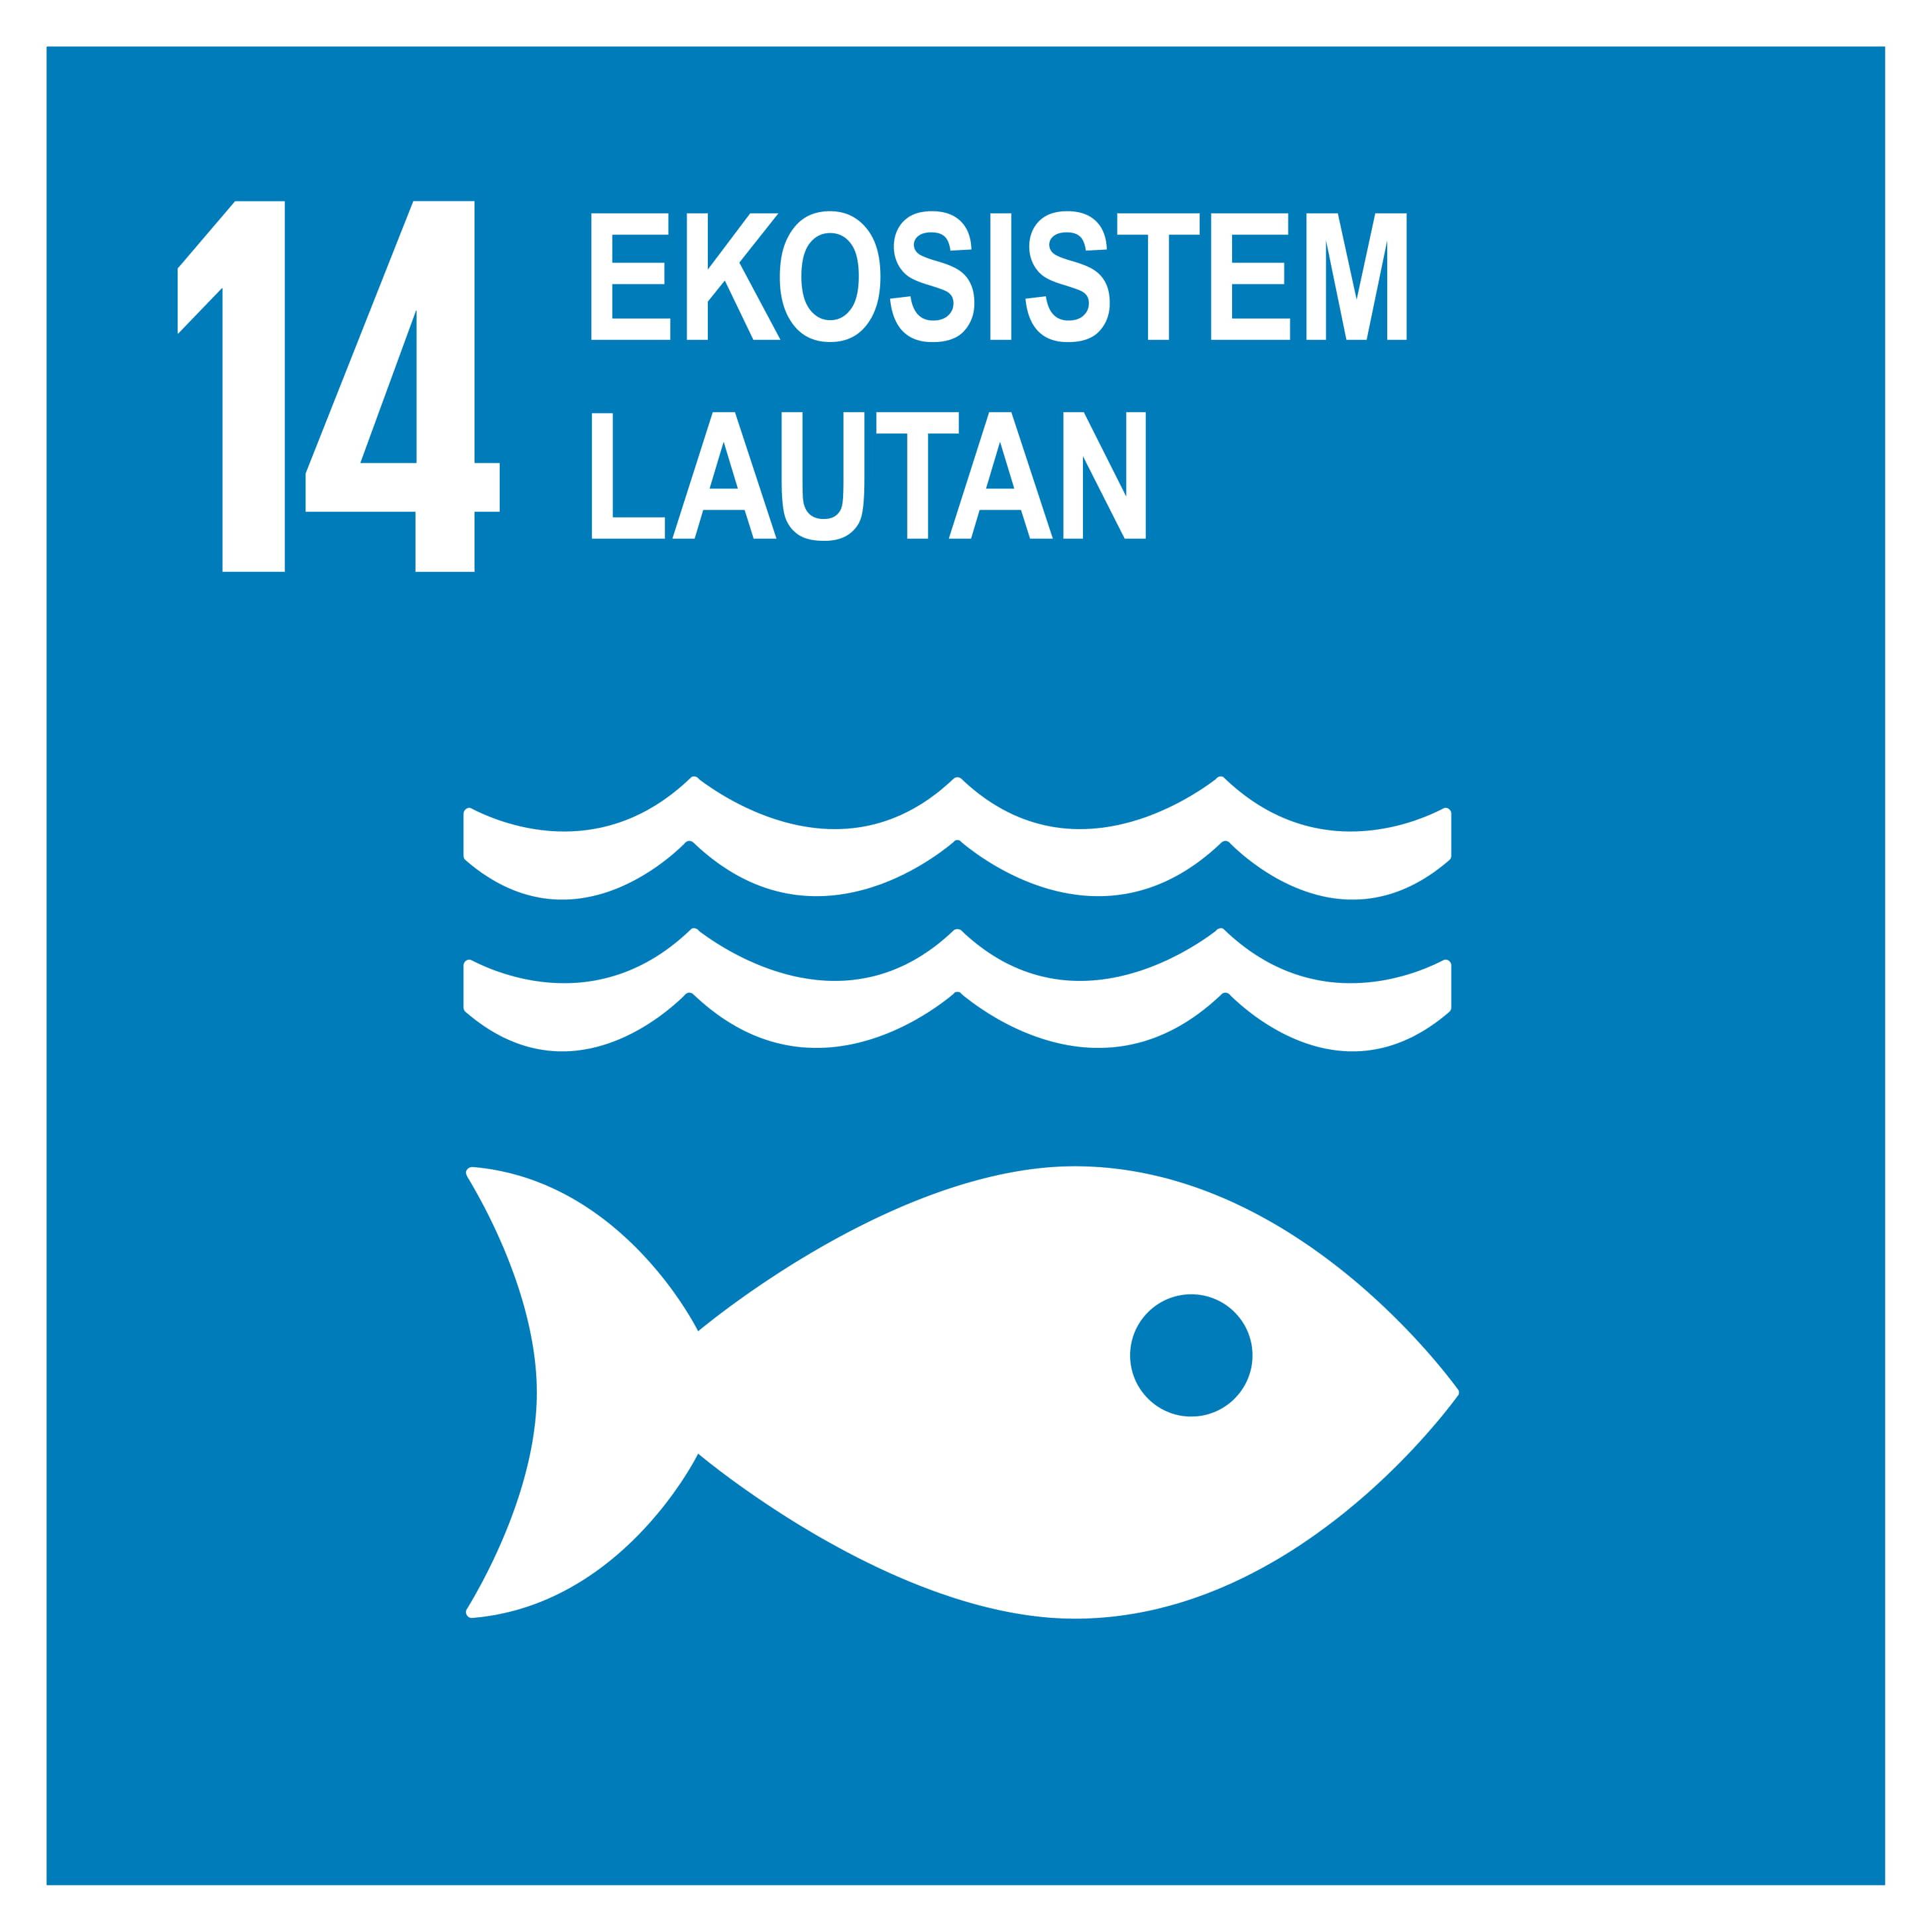 Ekosistem Lautan